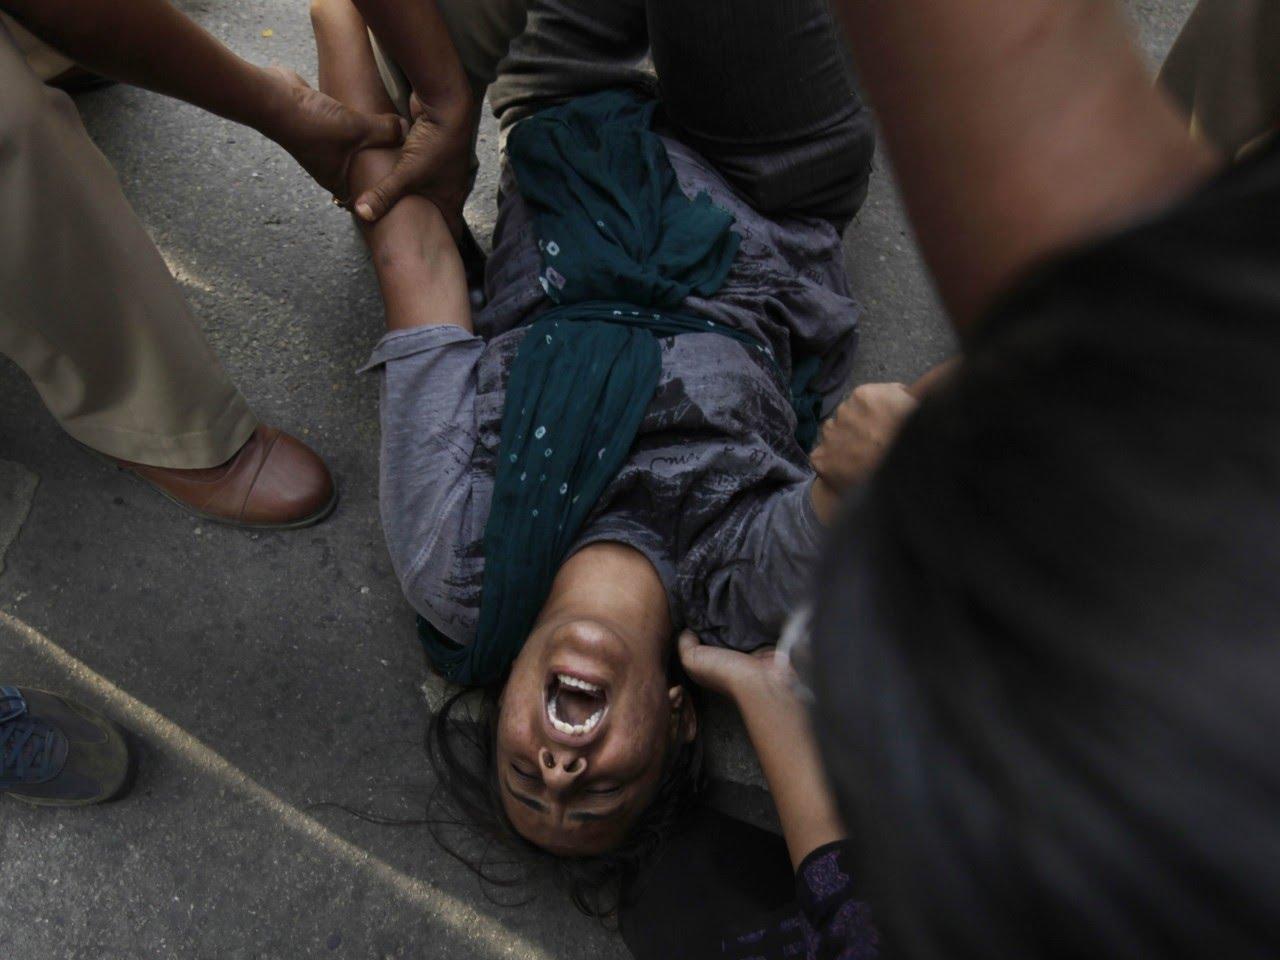 Насильники жестоко поиздевались над девочкой: такого даже врагу не пожелаешь